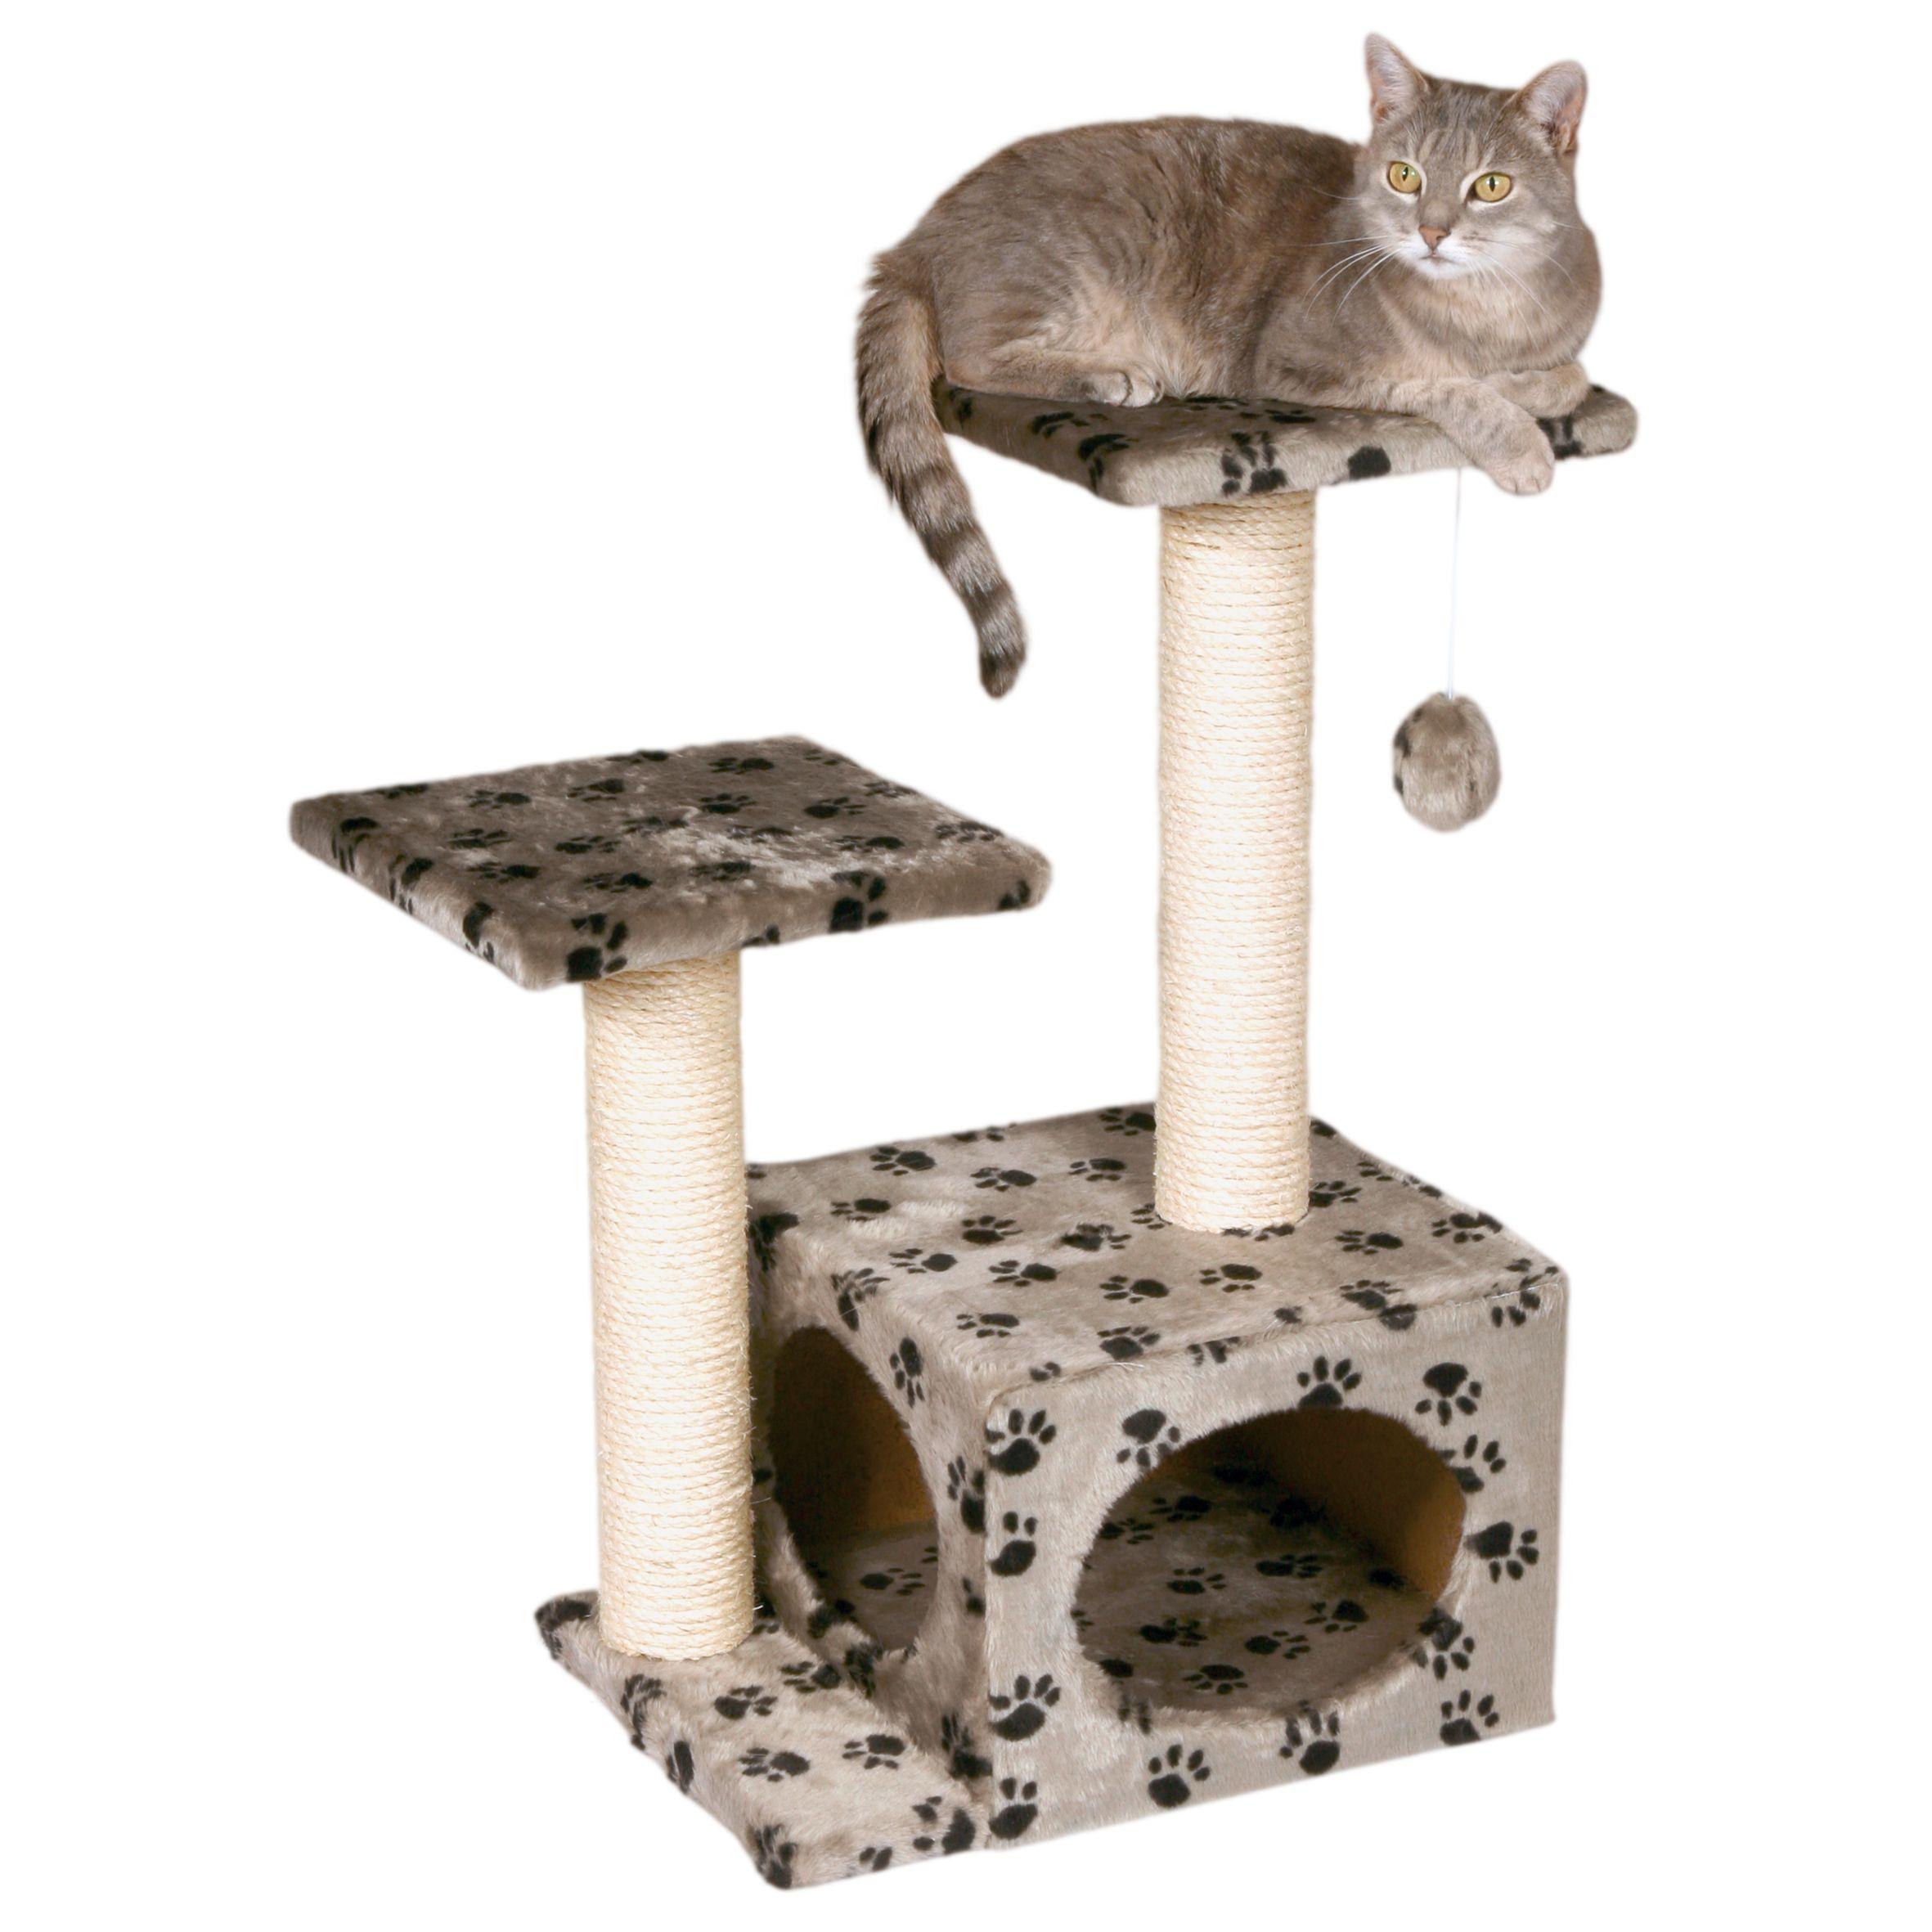 Дом для кошки своими руками с фото